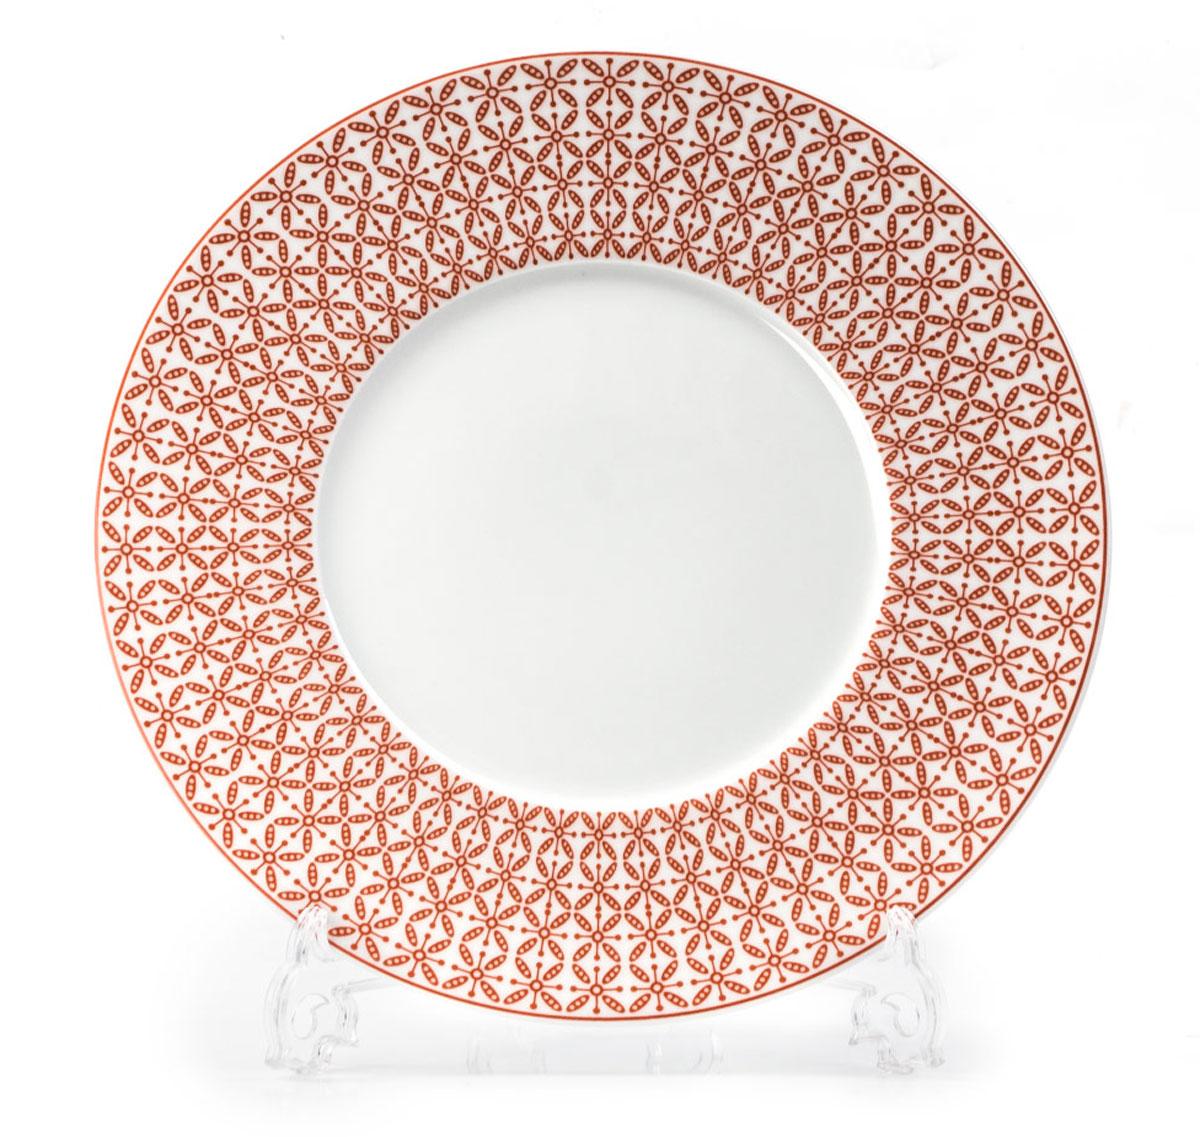 Тарелка La Rose des Sables Ажур, цвет: красный, диаметр 27 см830127 2301